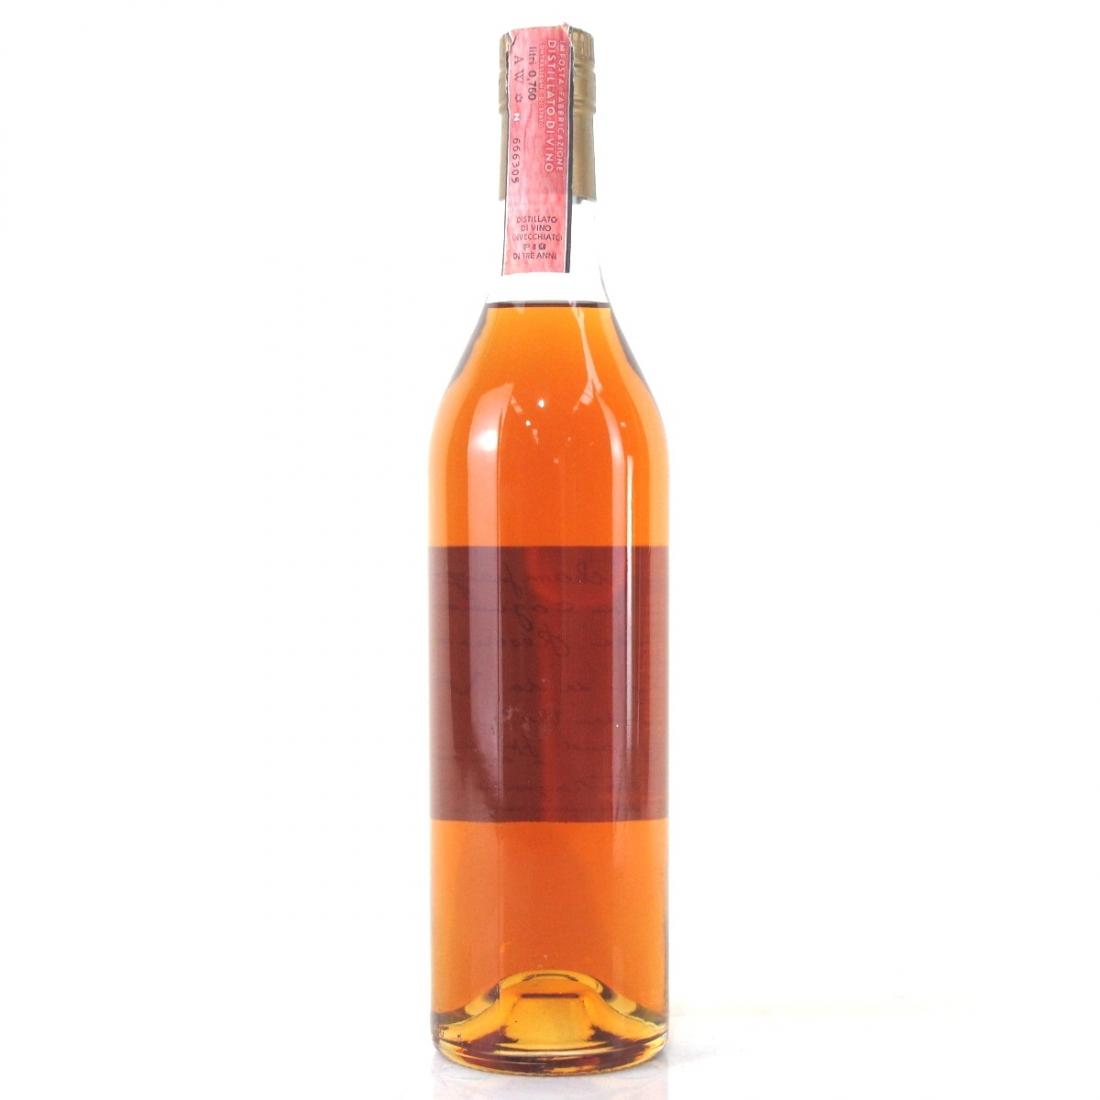 Domaine De La Voute Foudre No.8 Premier Cru de Cognac Grande Champagne